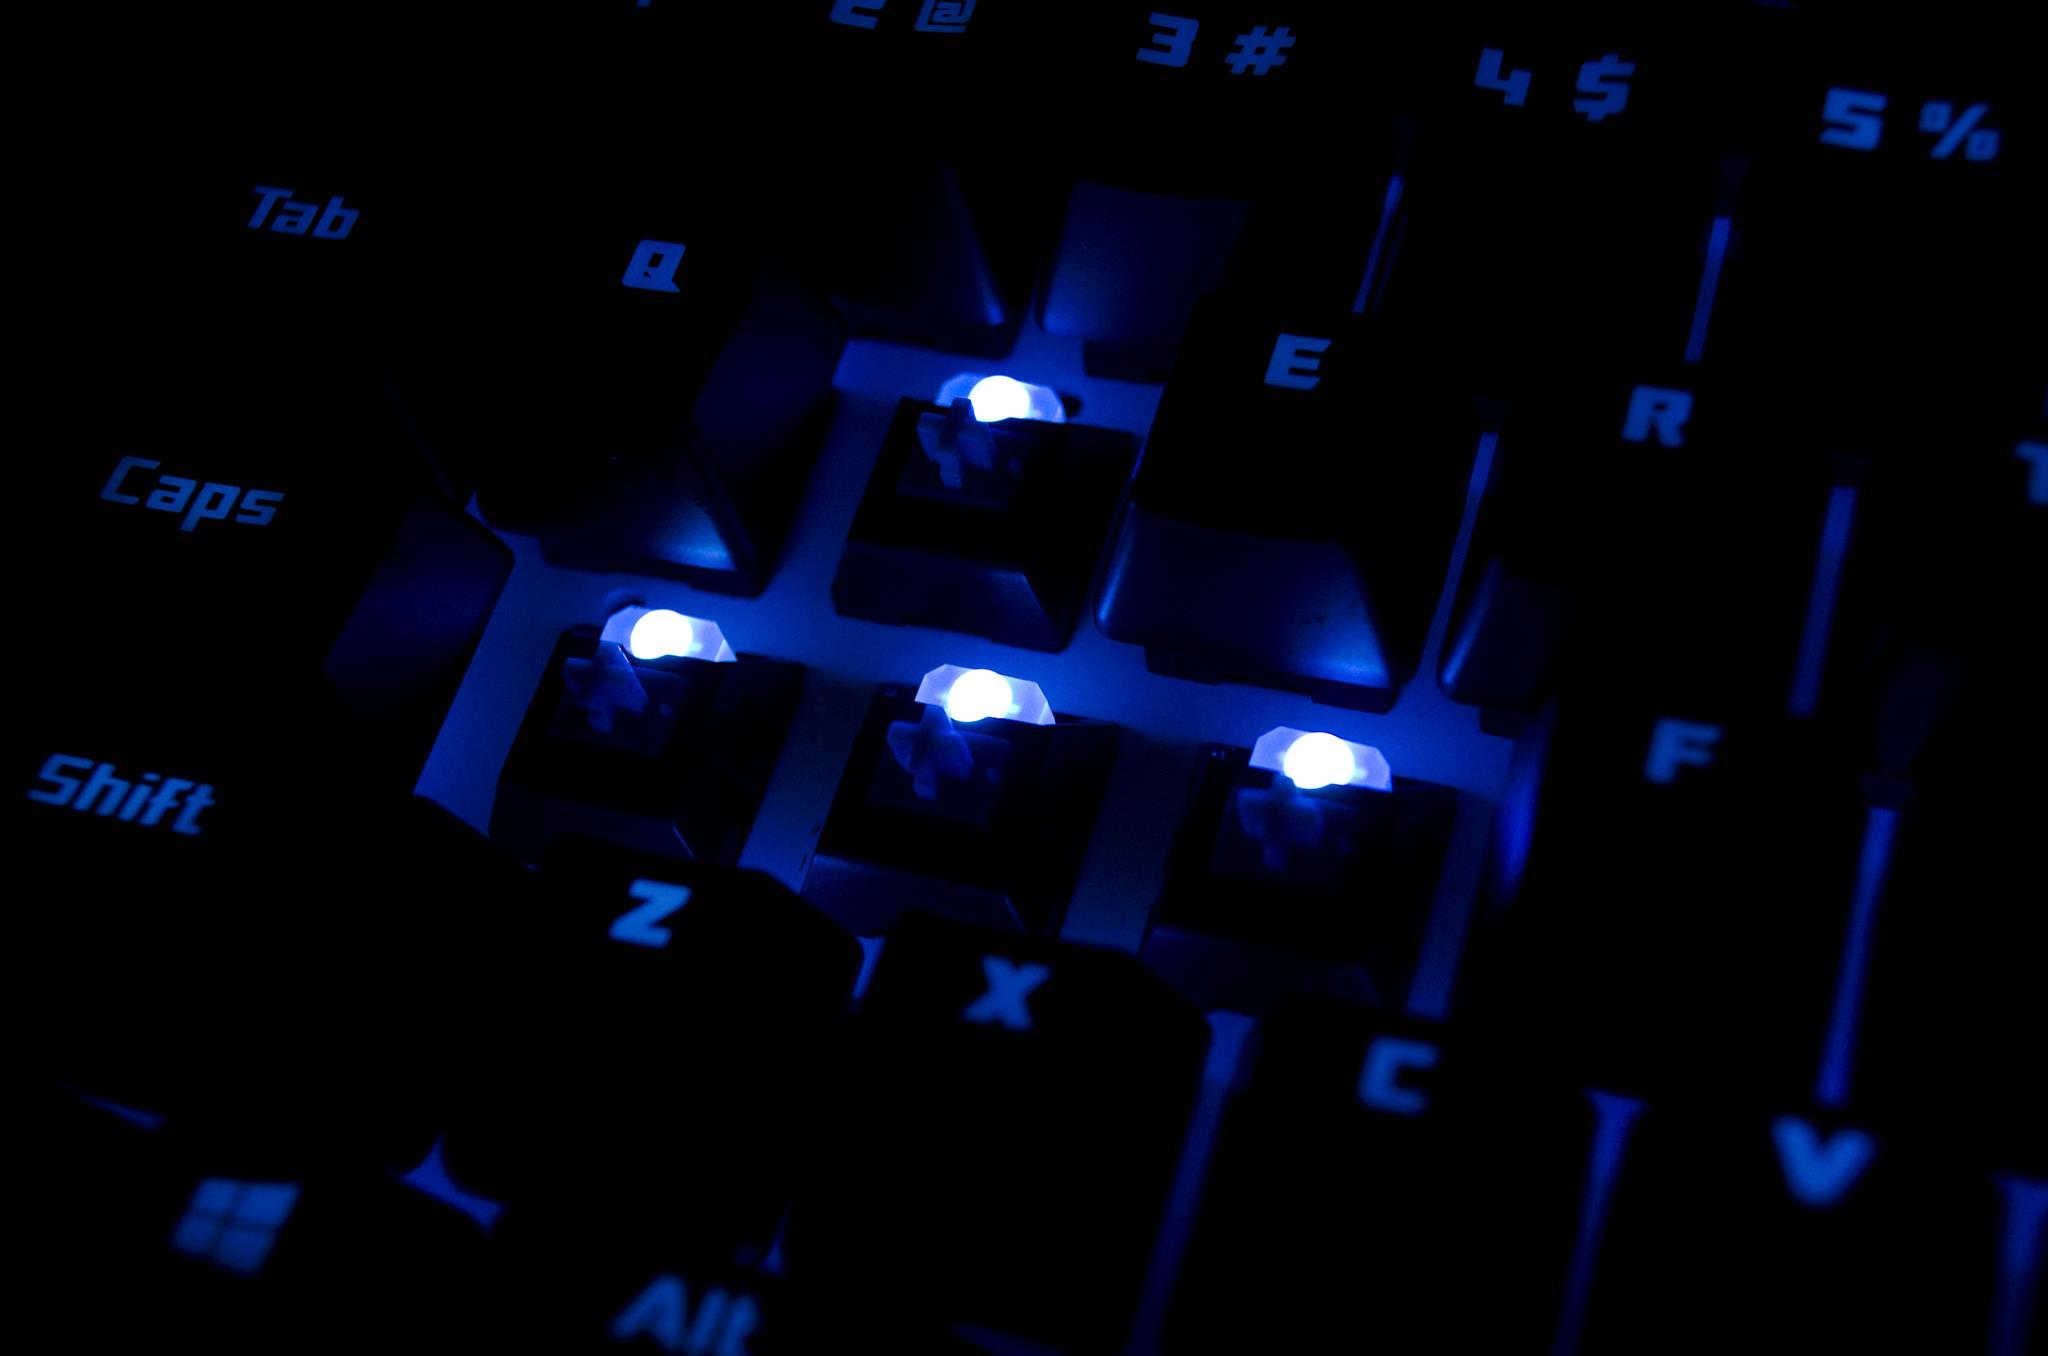 tesoro ecalibur spectrum mechanical gaming keyboard review_15